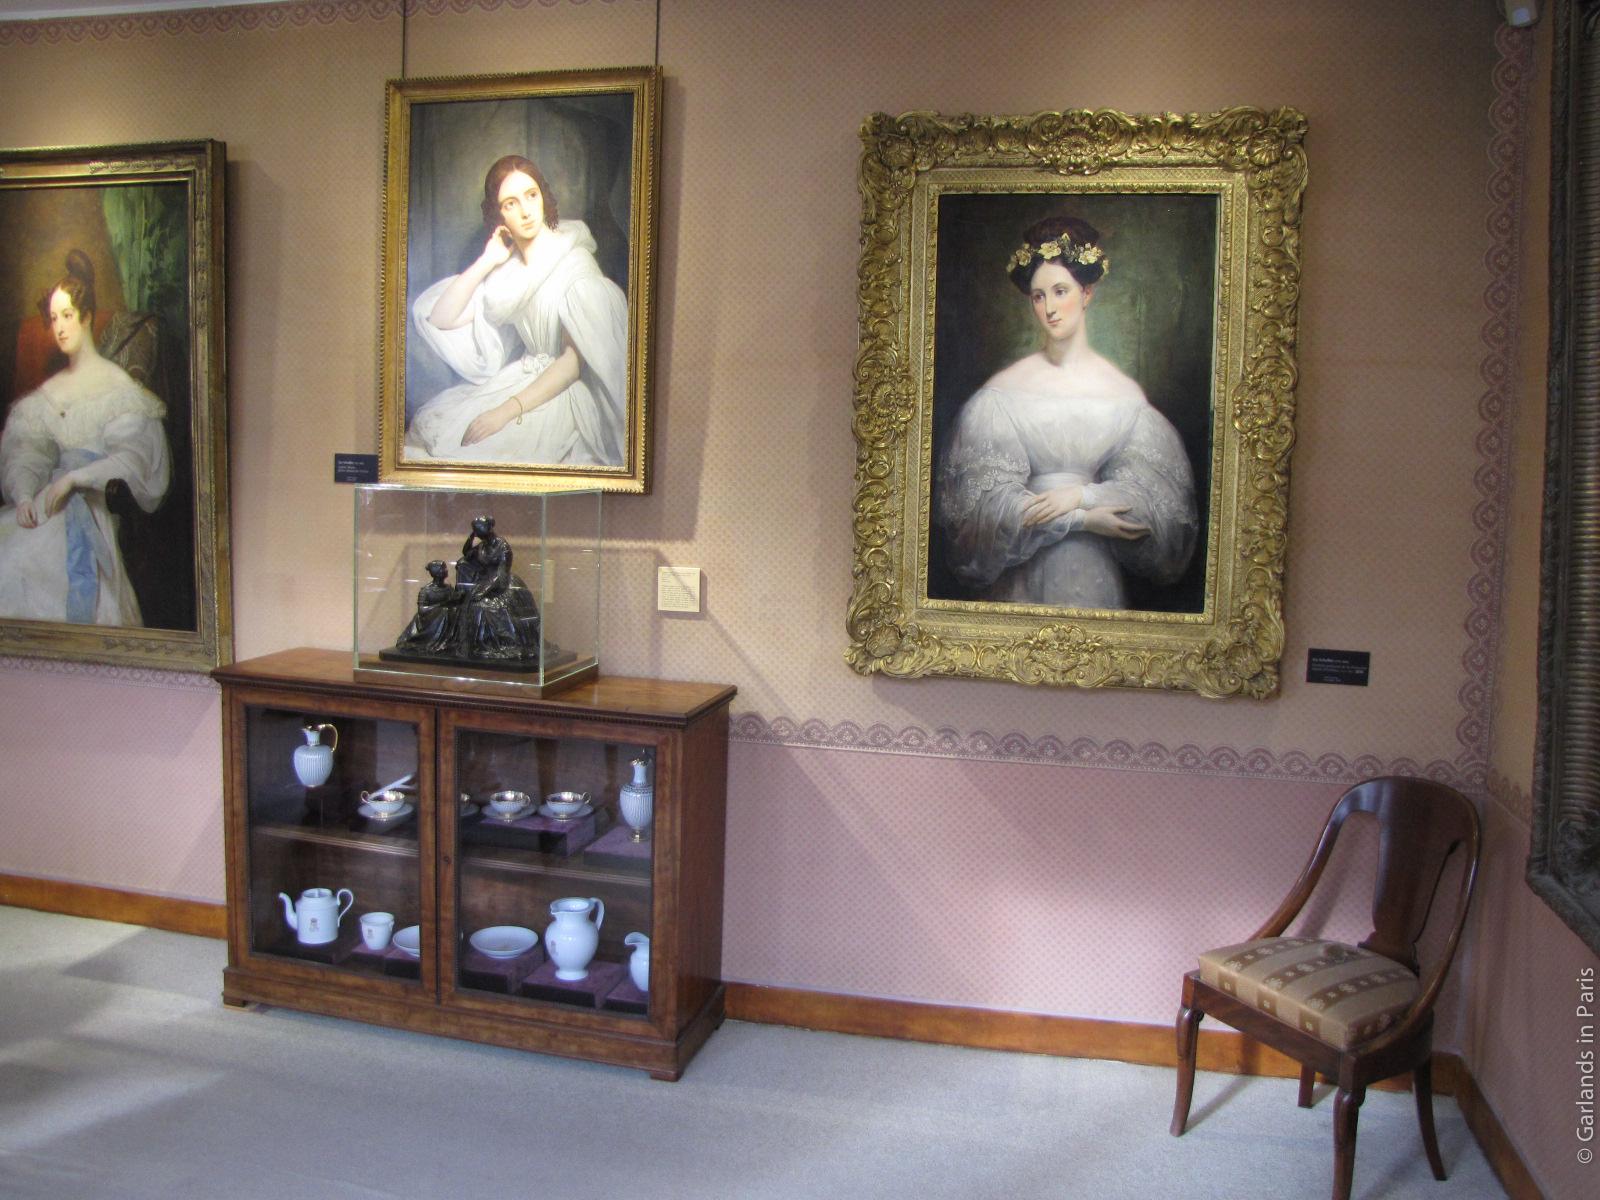 Musée de la vie Romantique Paris Paintings